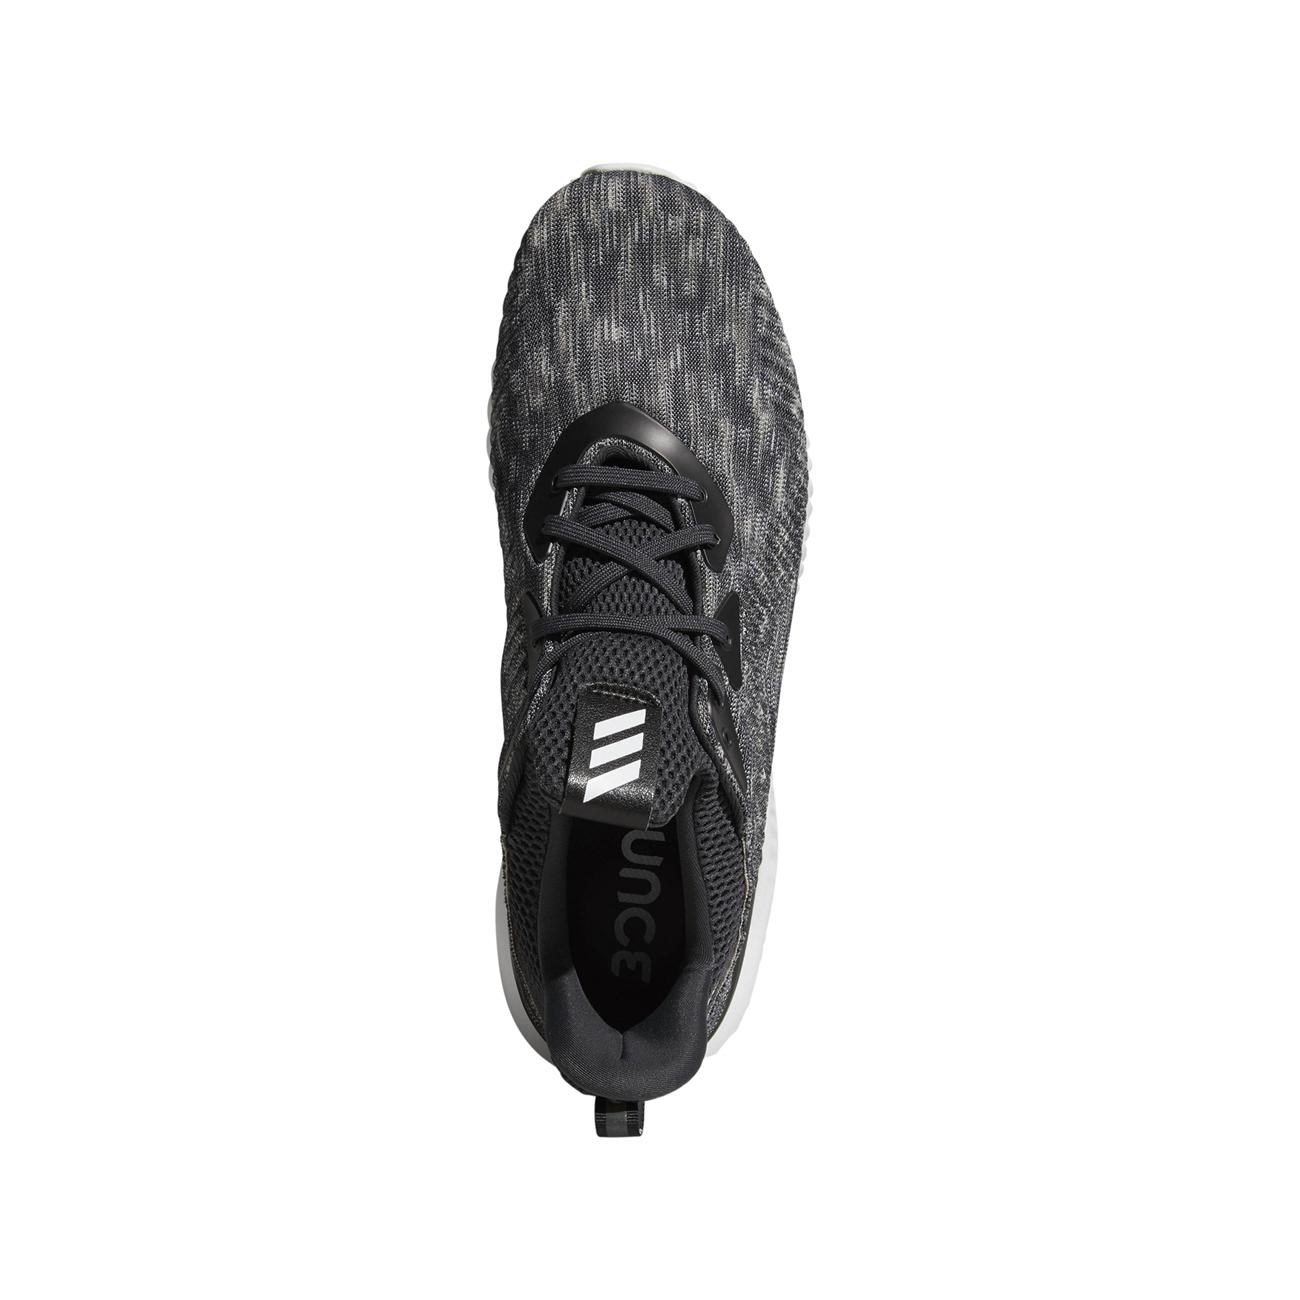 Adidas Alphabounce Space Dye manelsanchez.pt